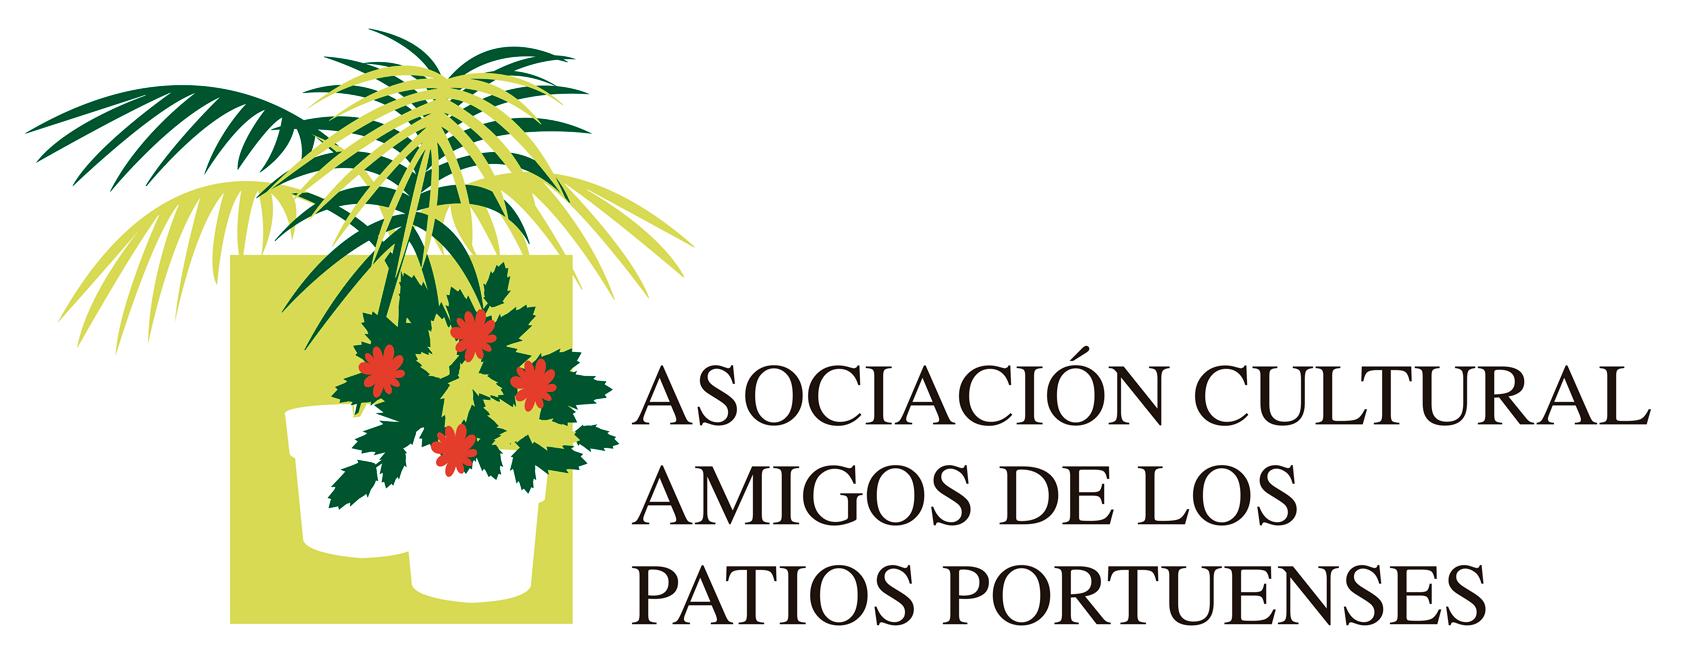 Asociación Portuense Amigos de los patios